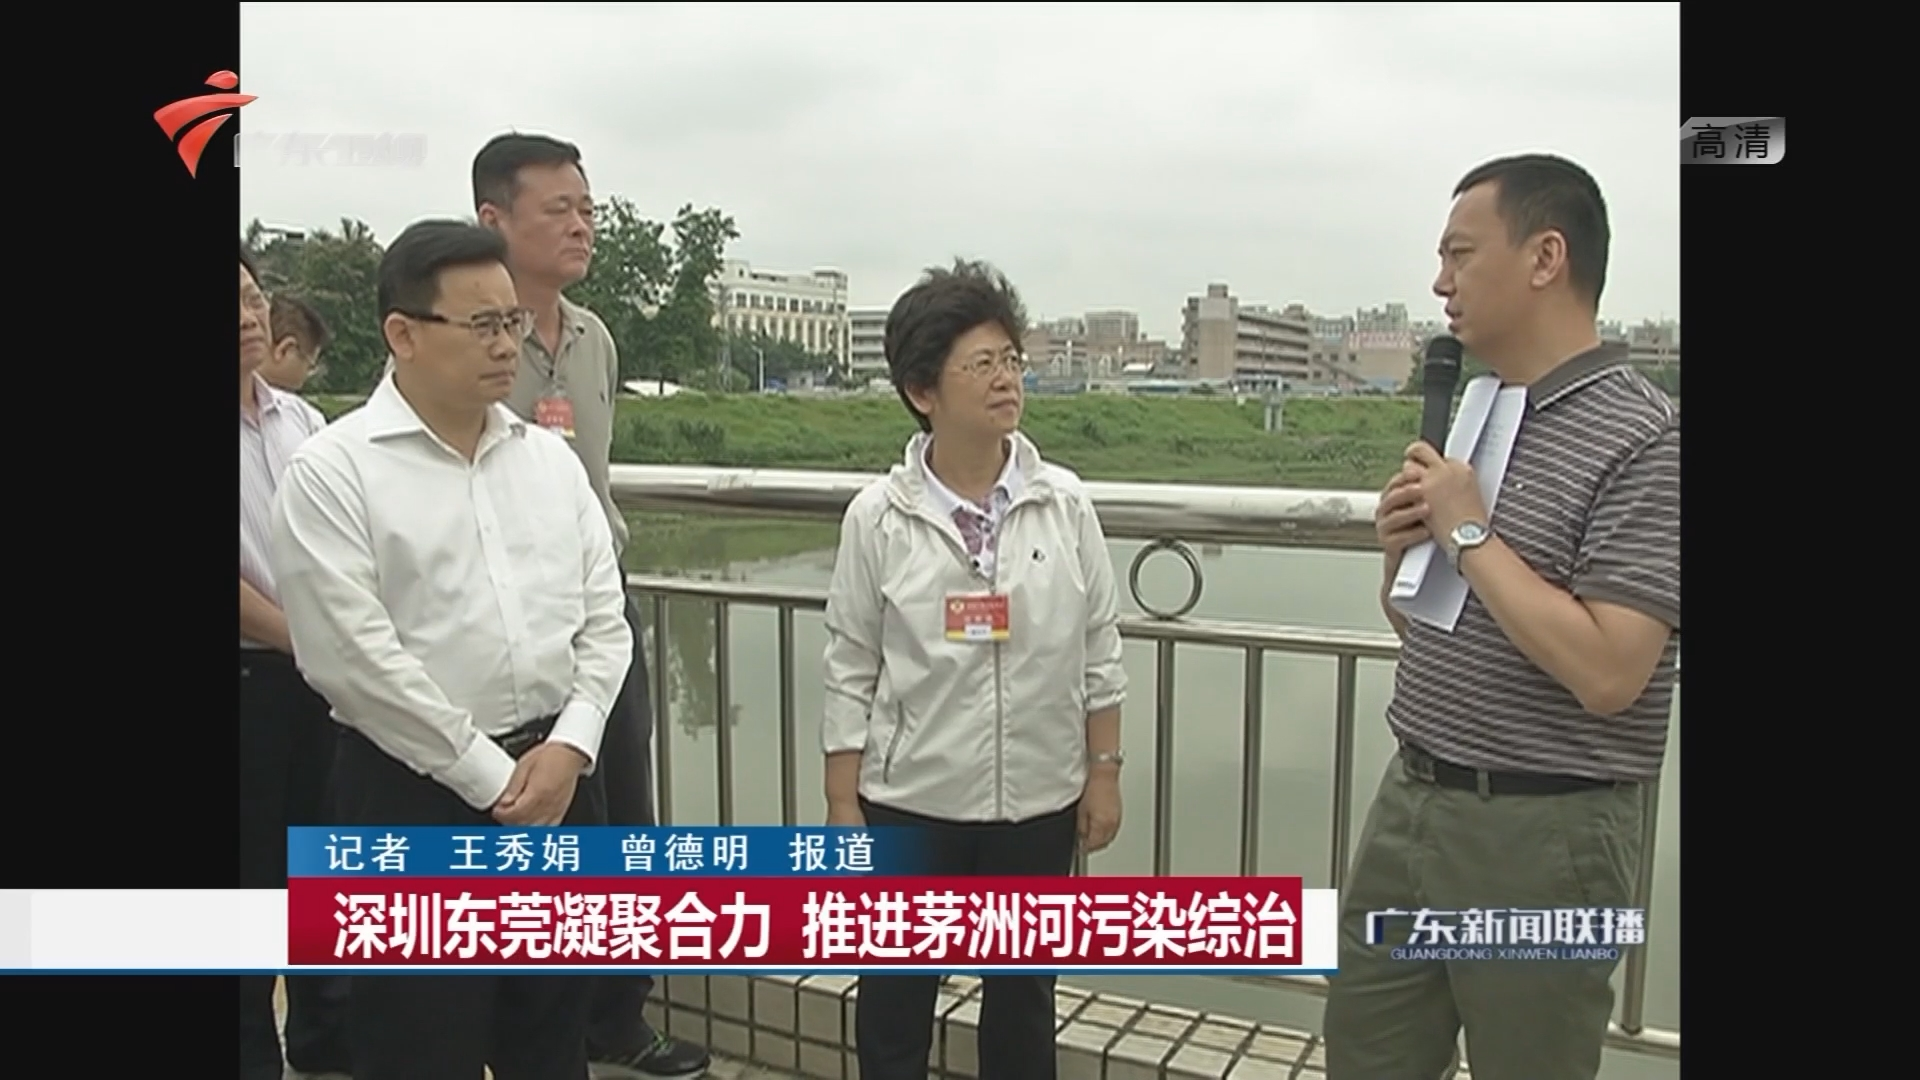 深圳东莞凝聚合力 推进茅洲河污染综治